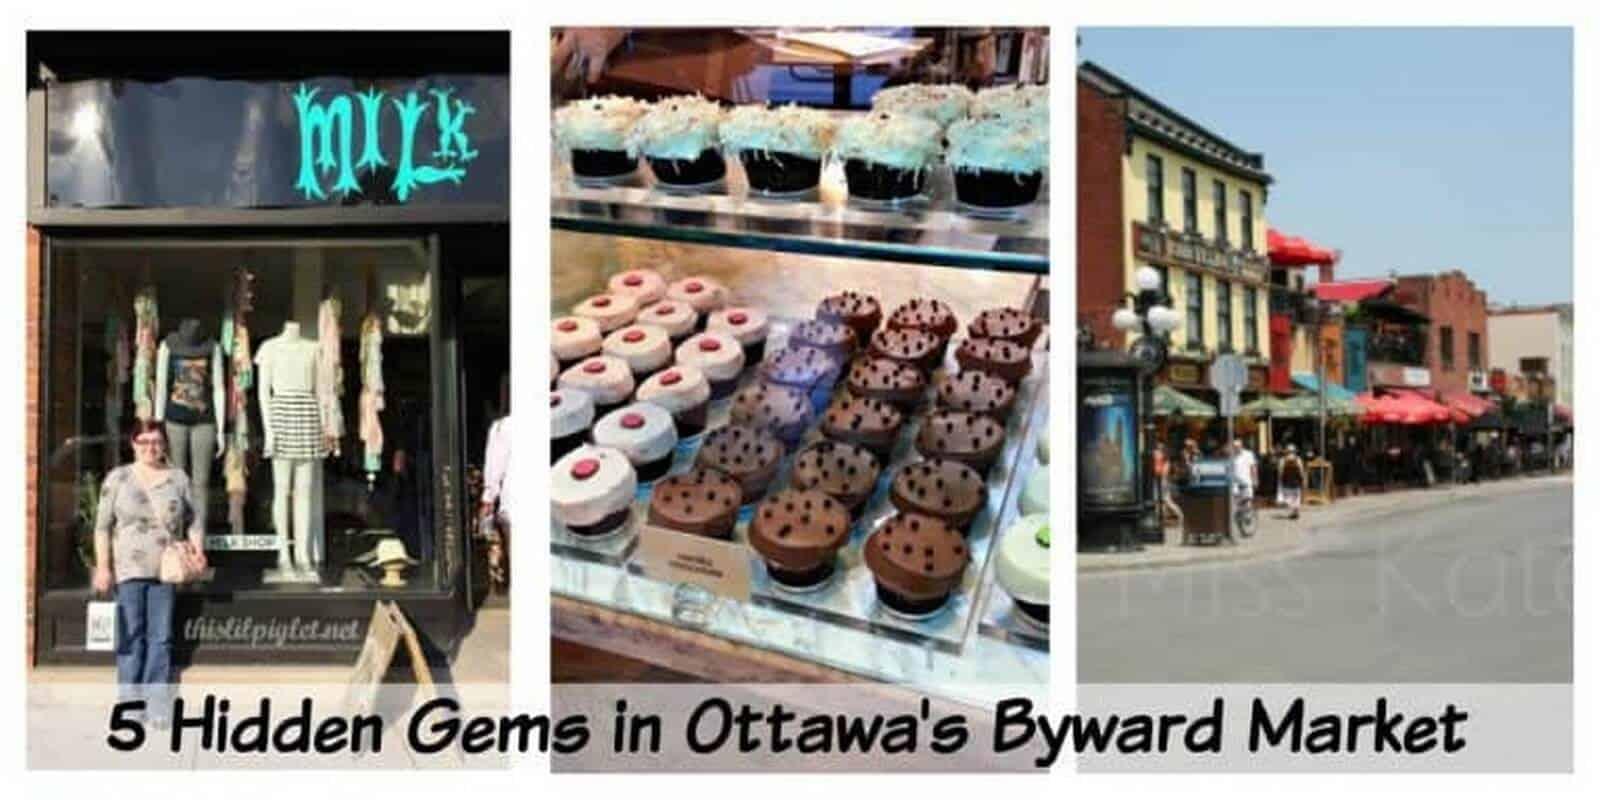 5 Hidden Gems in Ottawa's Byward Market